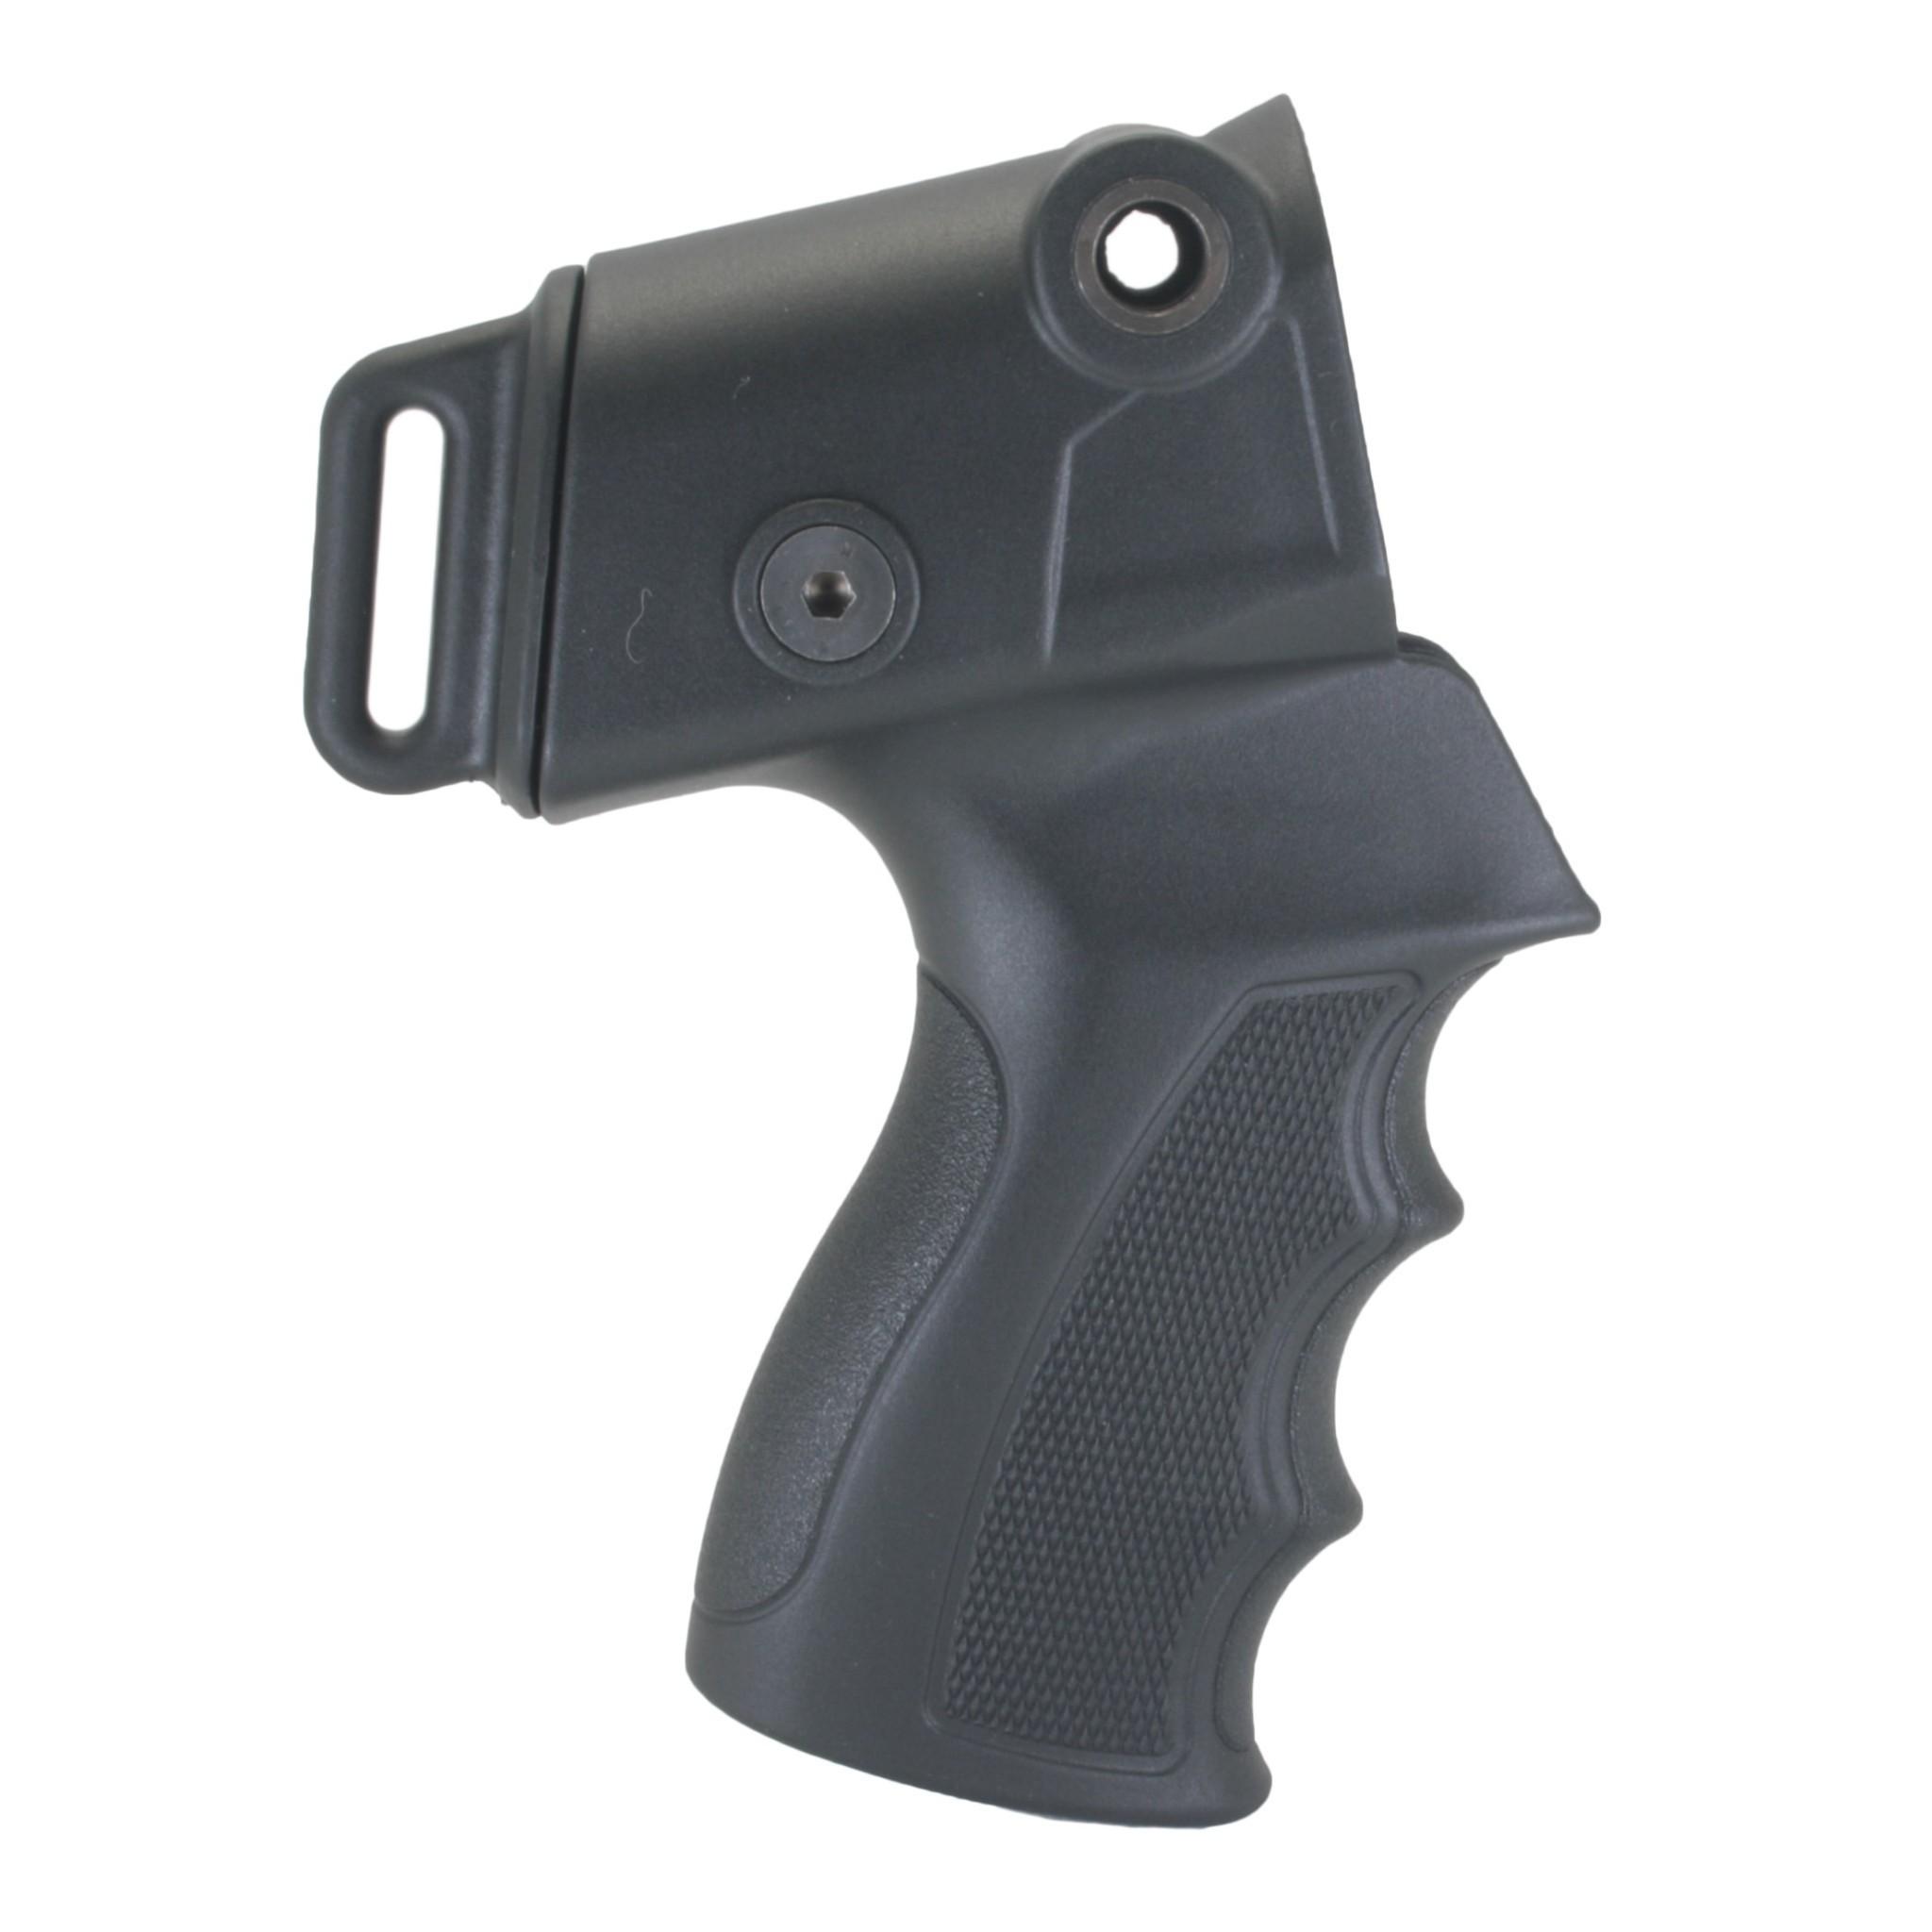 Купить Рукоятка пистолетная для МР-133, -153. DLG TACTICAL